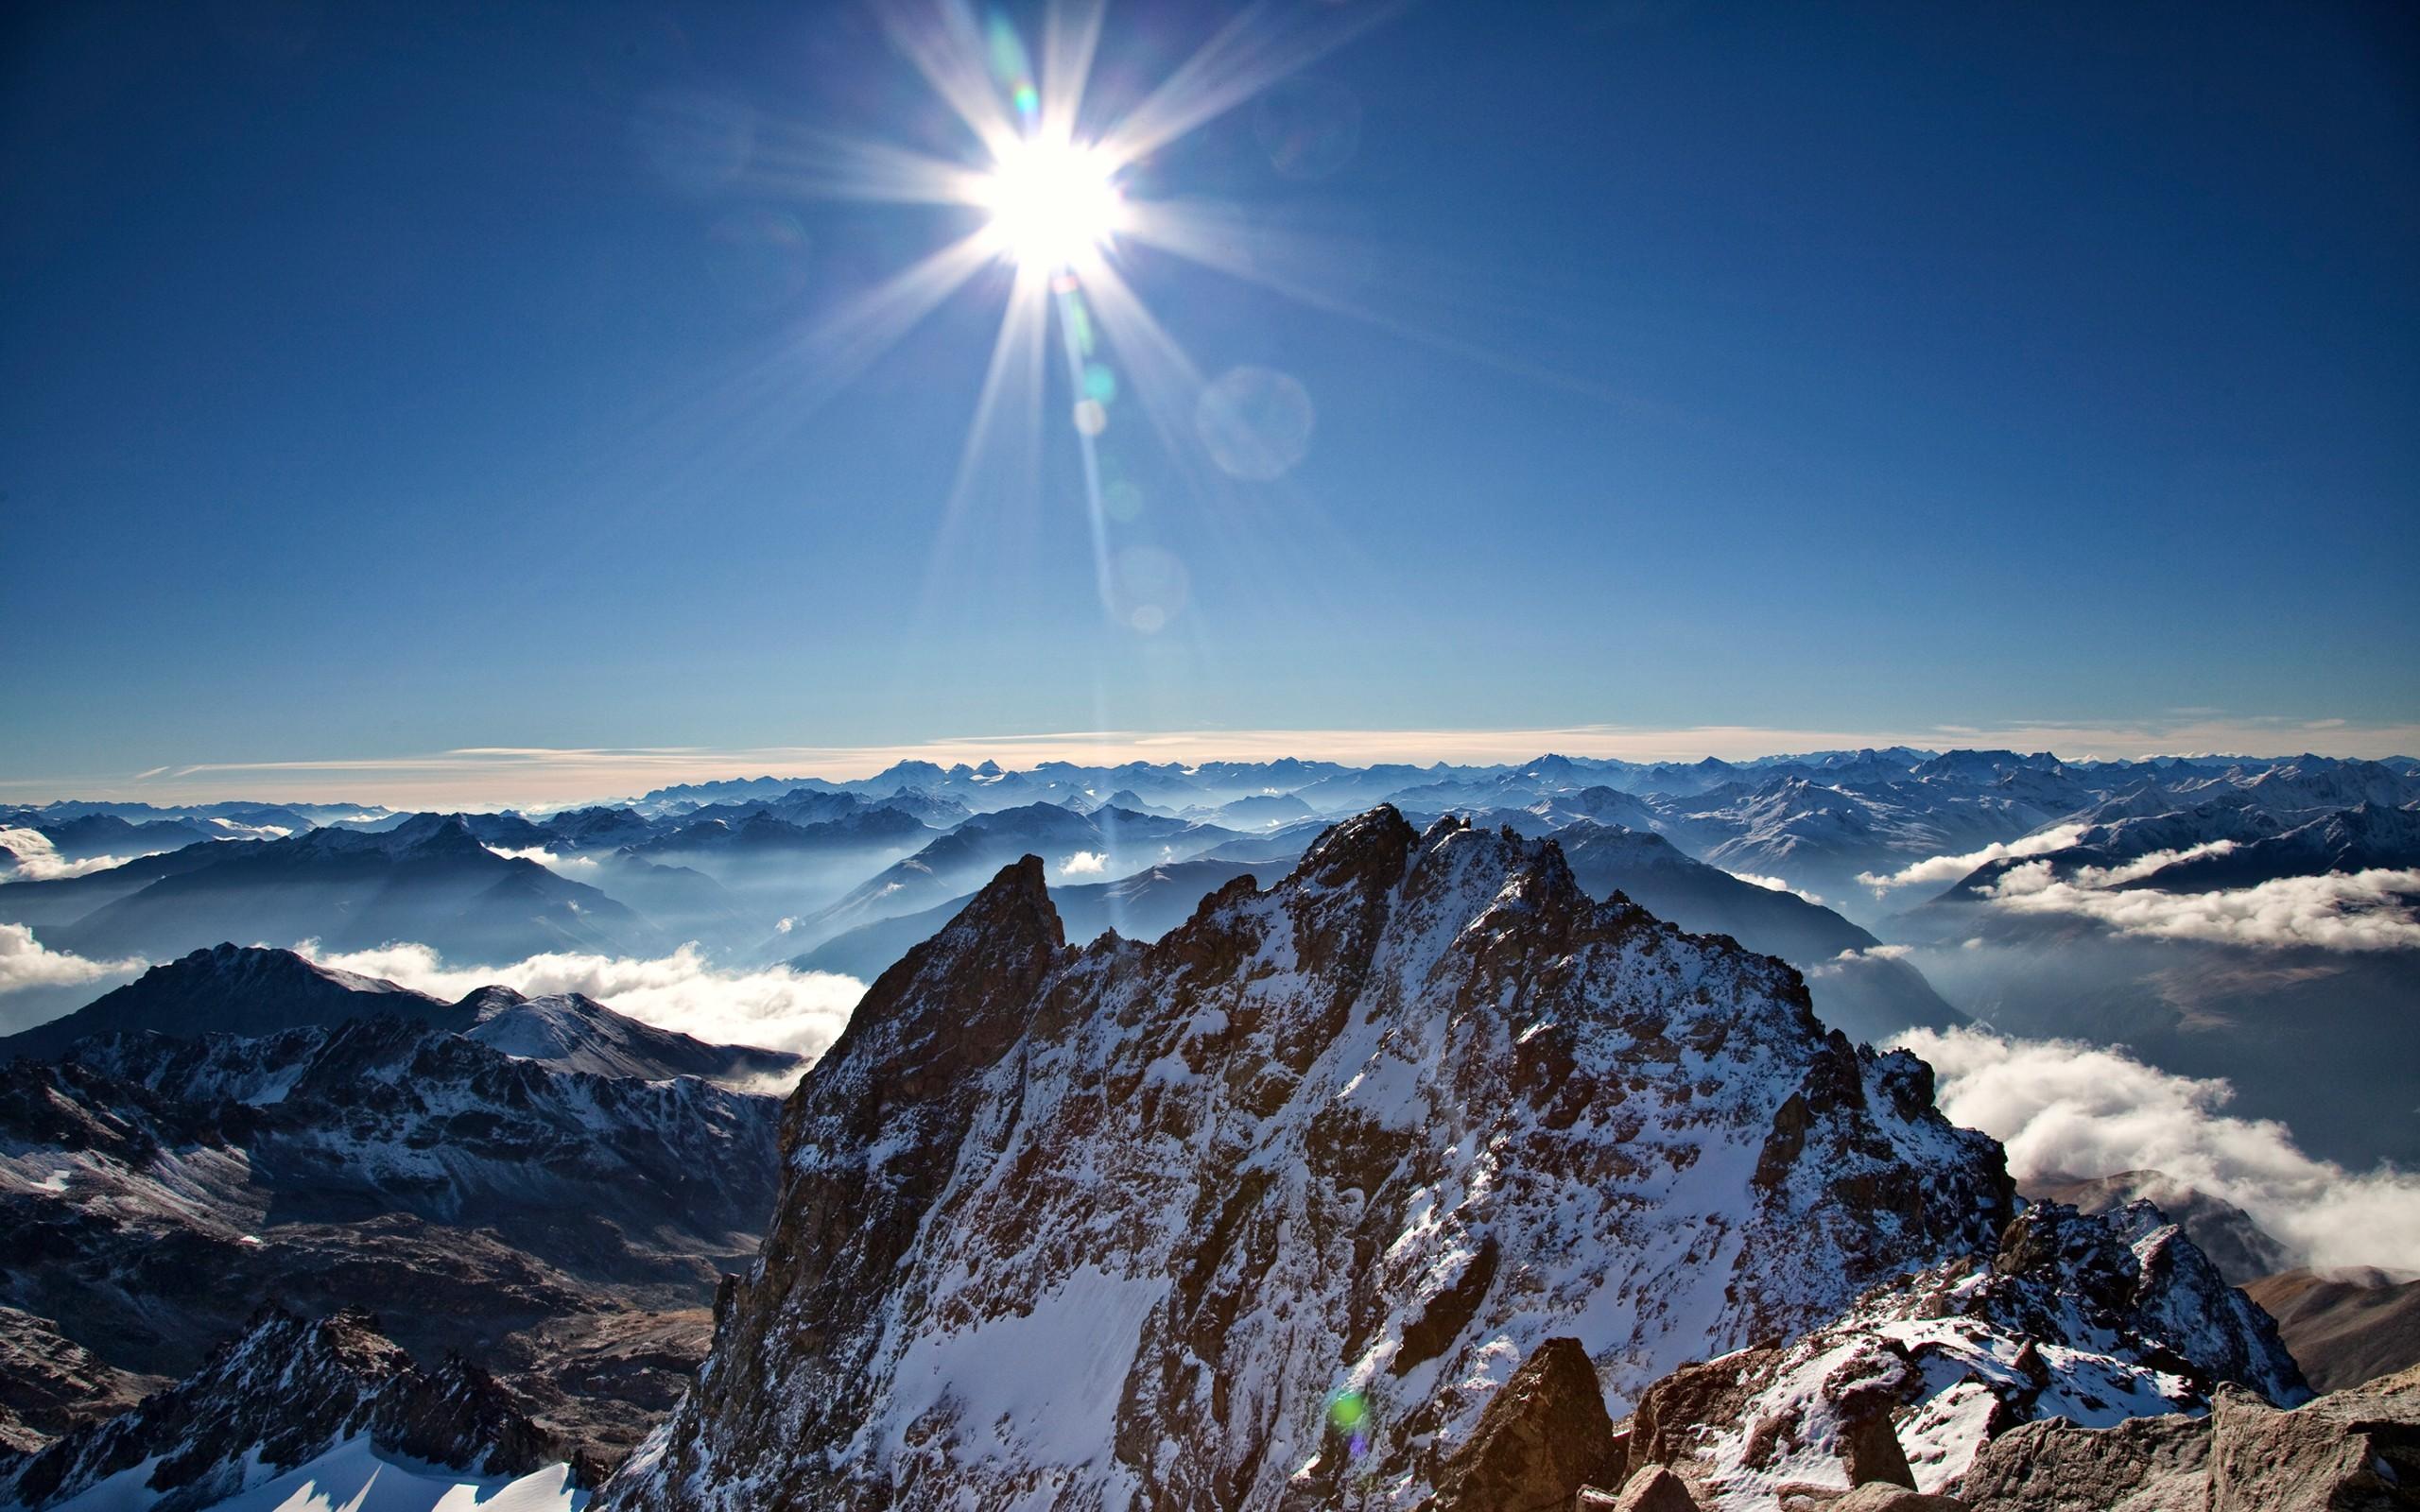 Красивые картинки хорошего качества про снег средиземном море